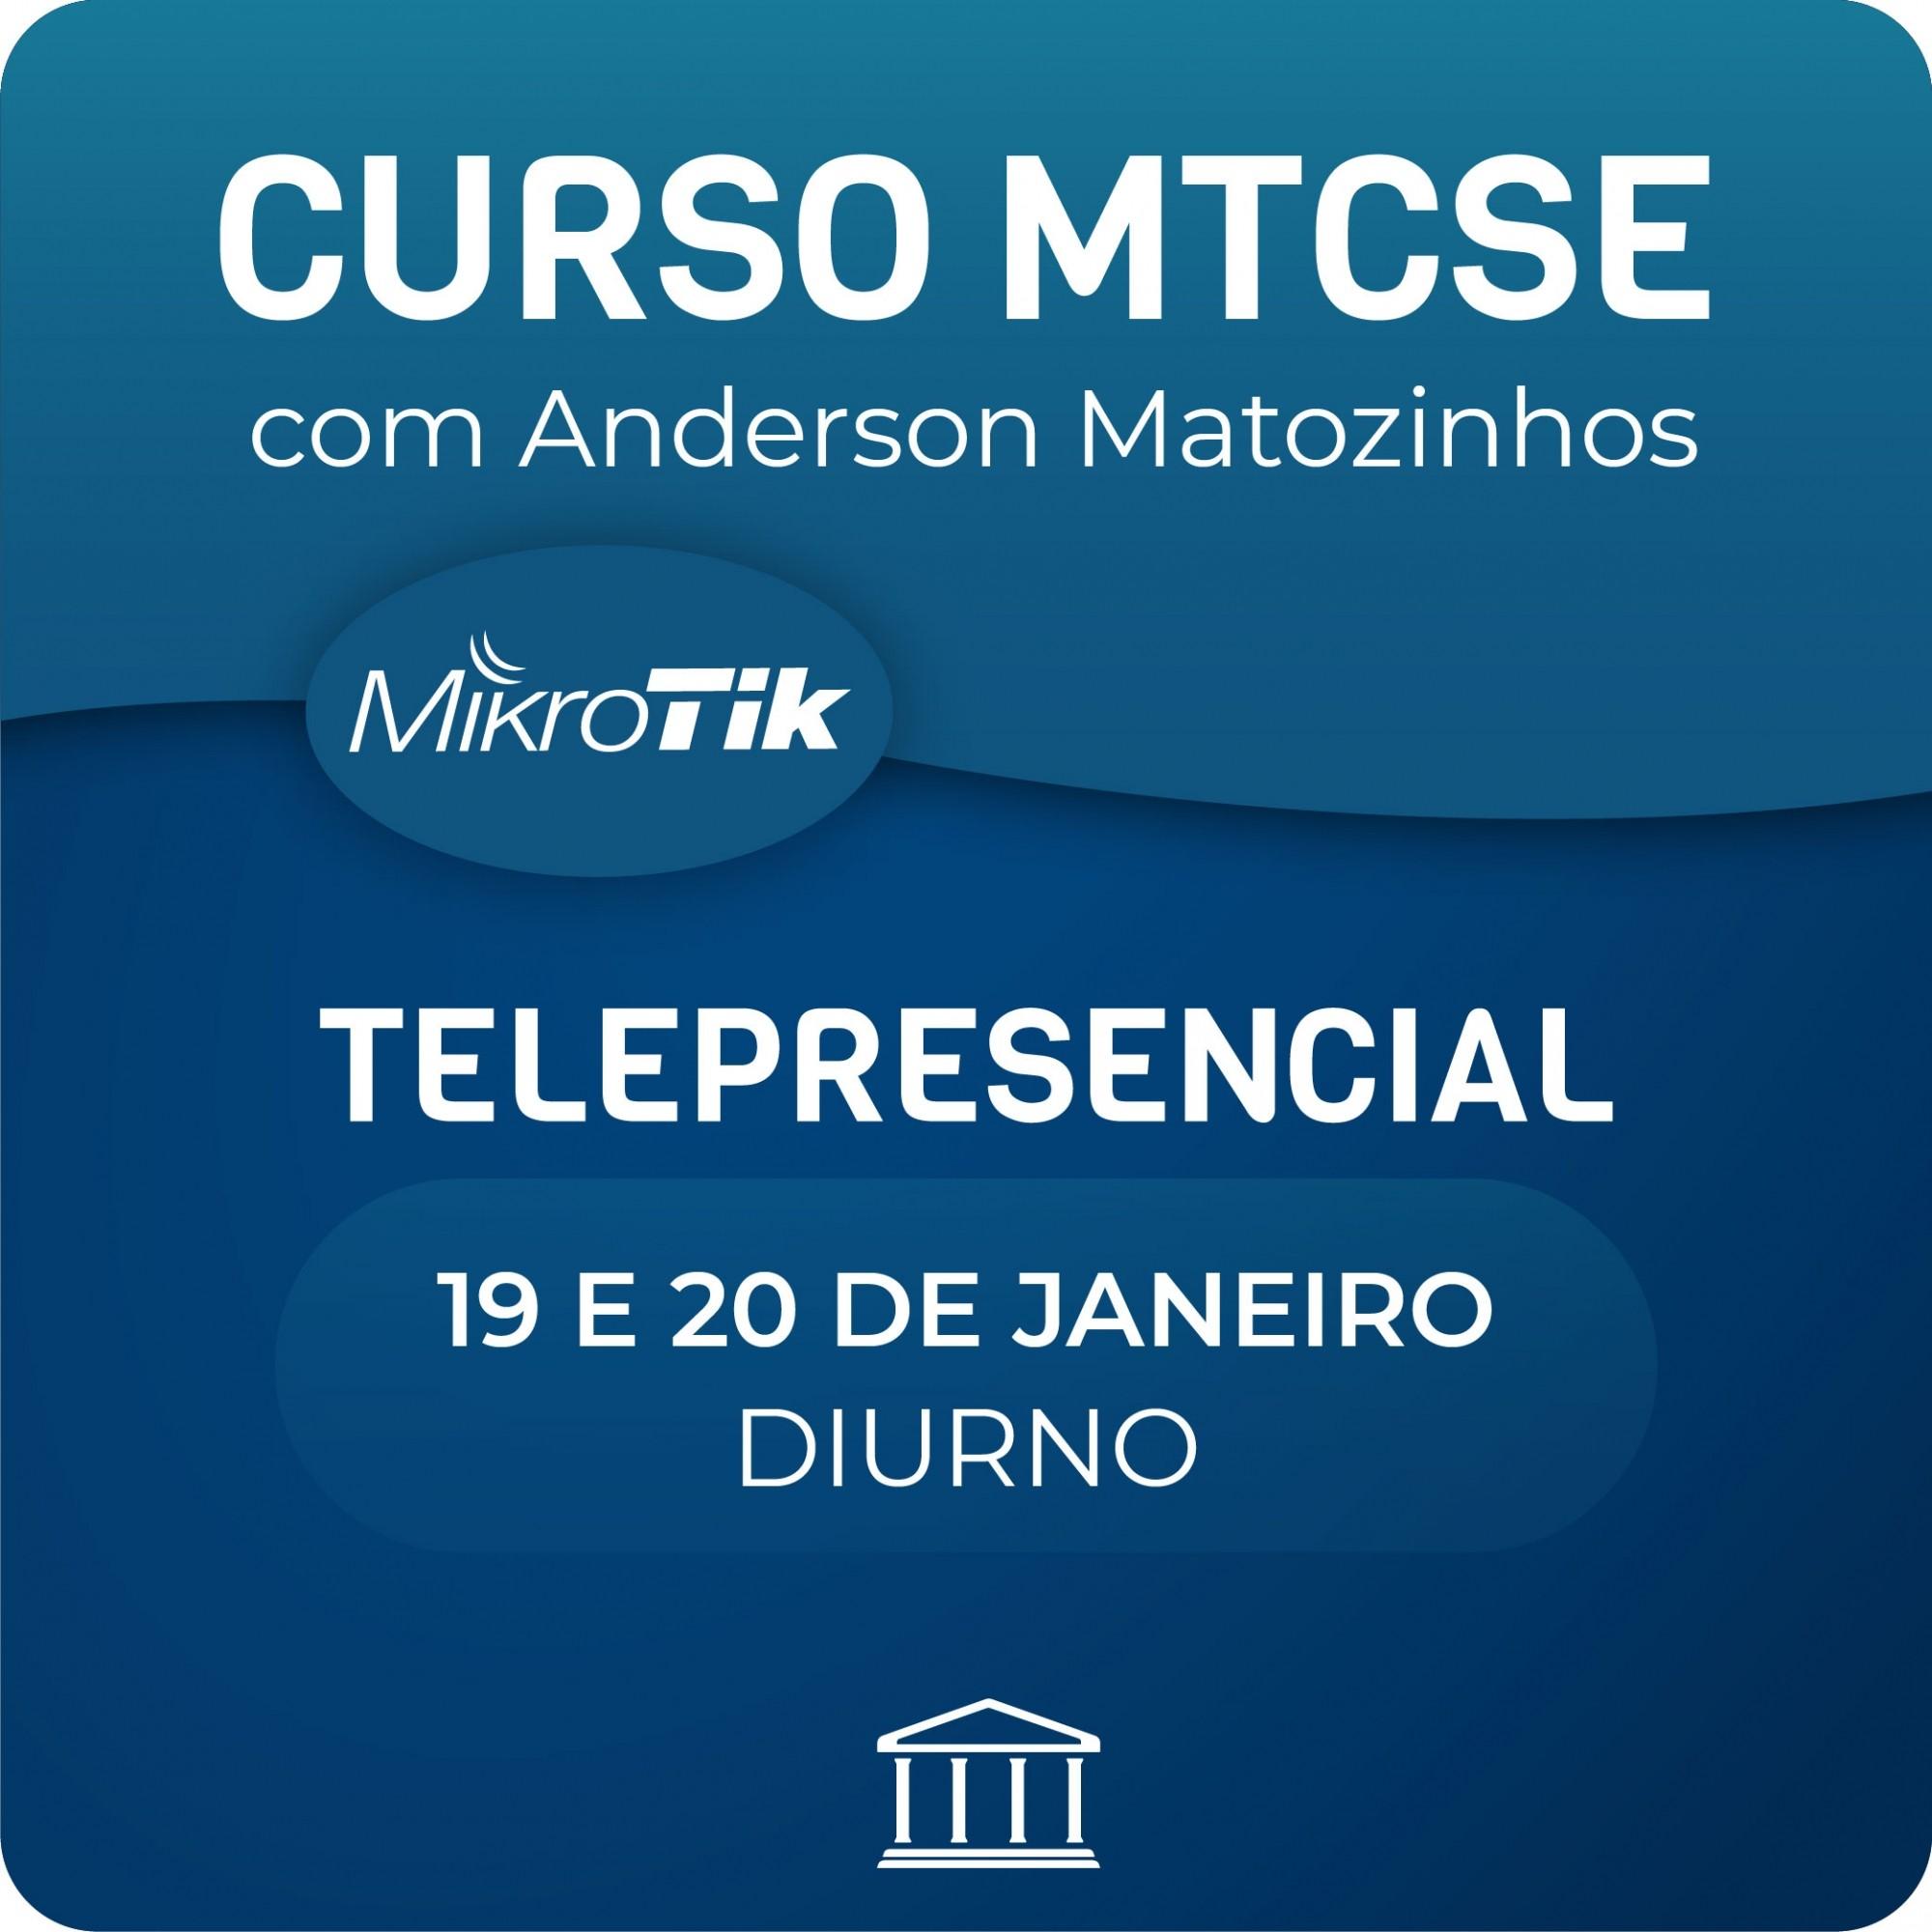 Curso e Certificação Oficial Mikrotik - MTCSE  - Voz e Dados